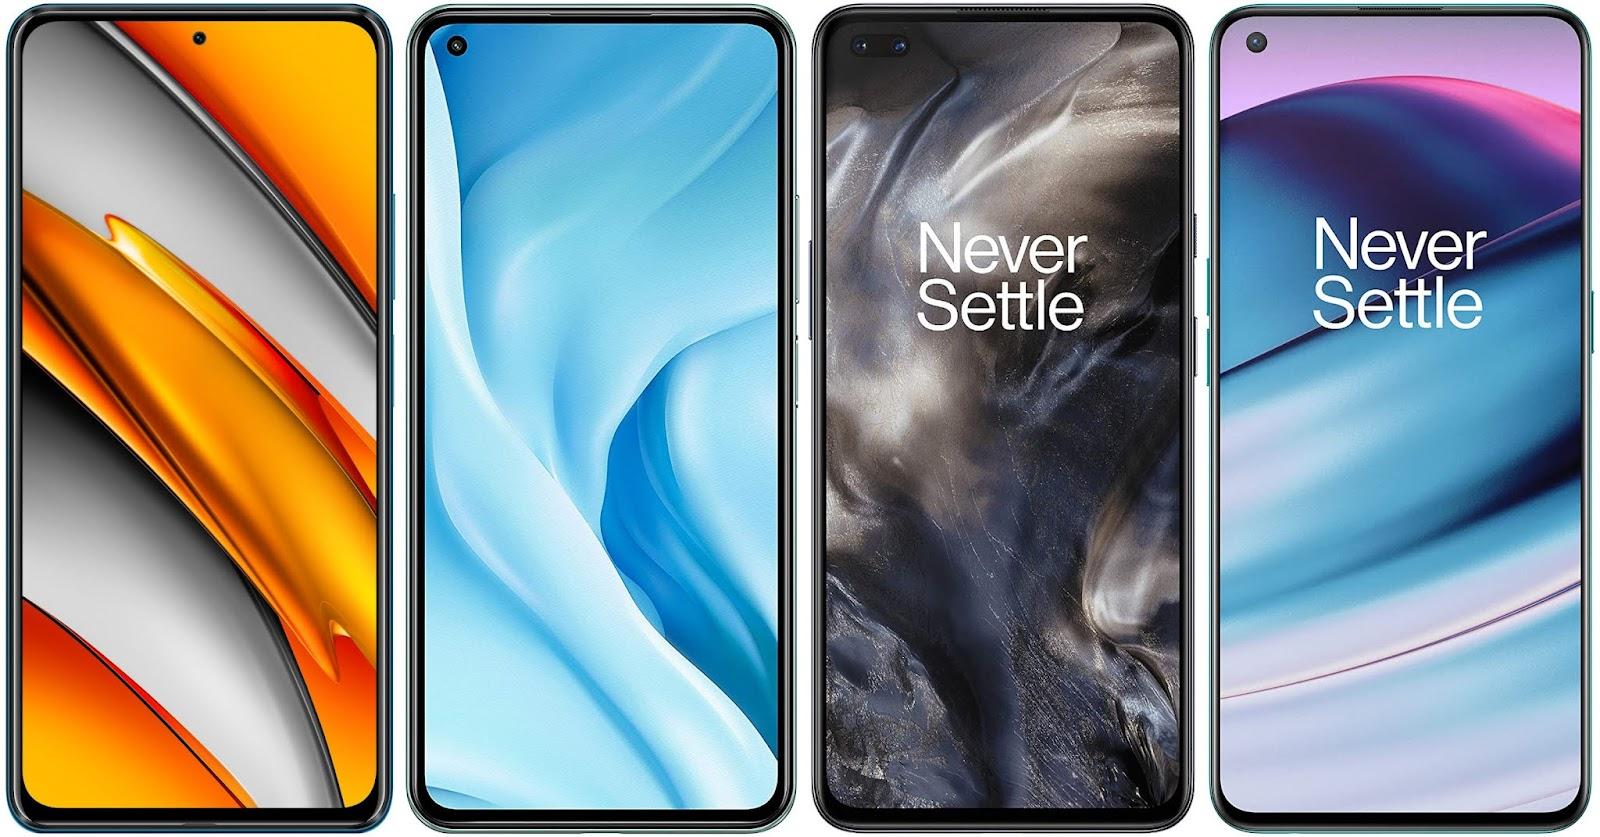 Xiaomi POCO F3 vs Xiaomi Mi 11 Lite 5G vs OnePlus Nord vs OnePlus Nord CE